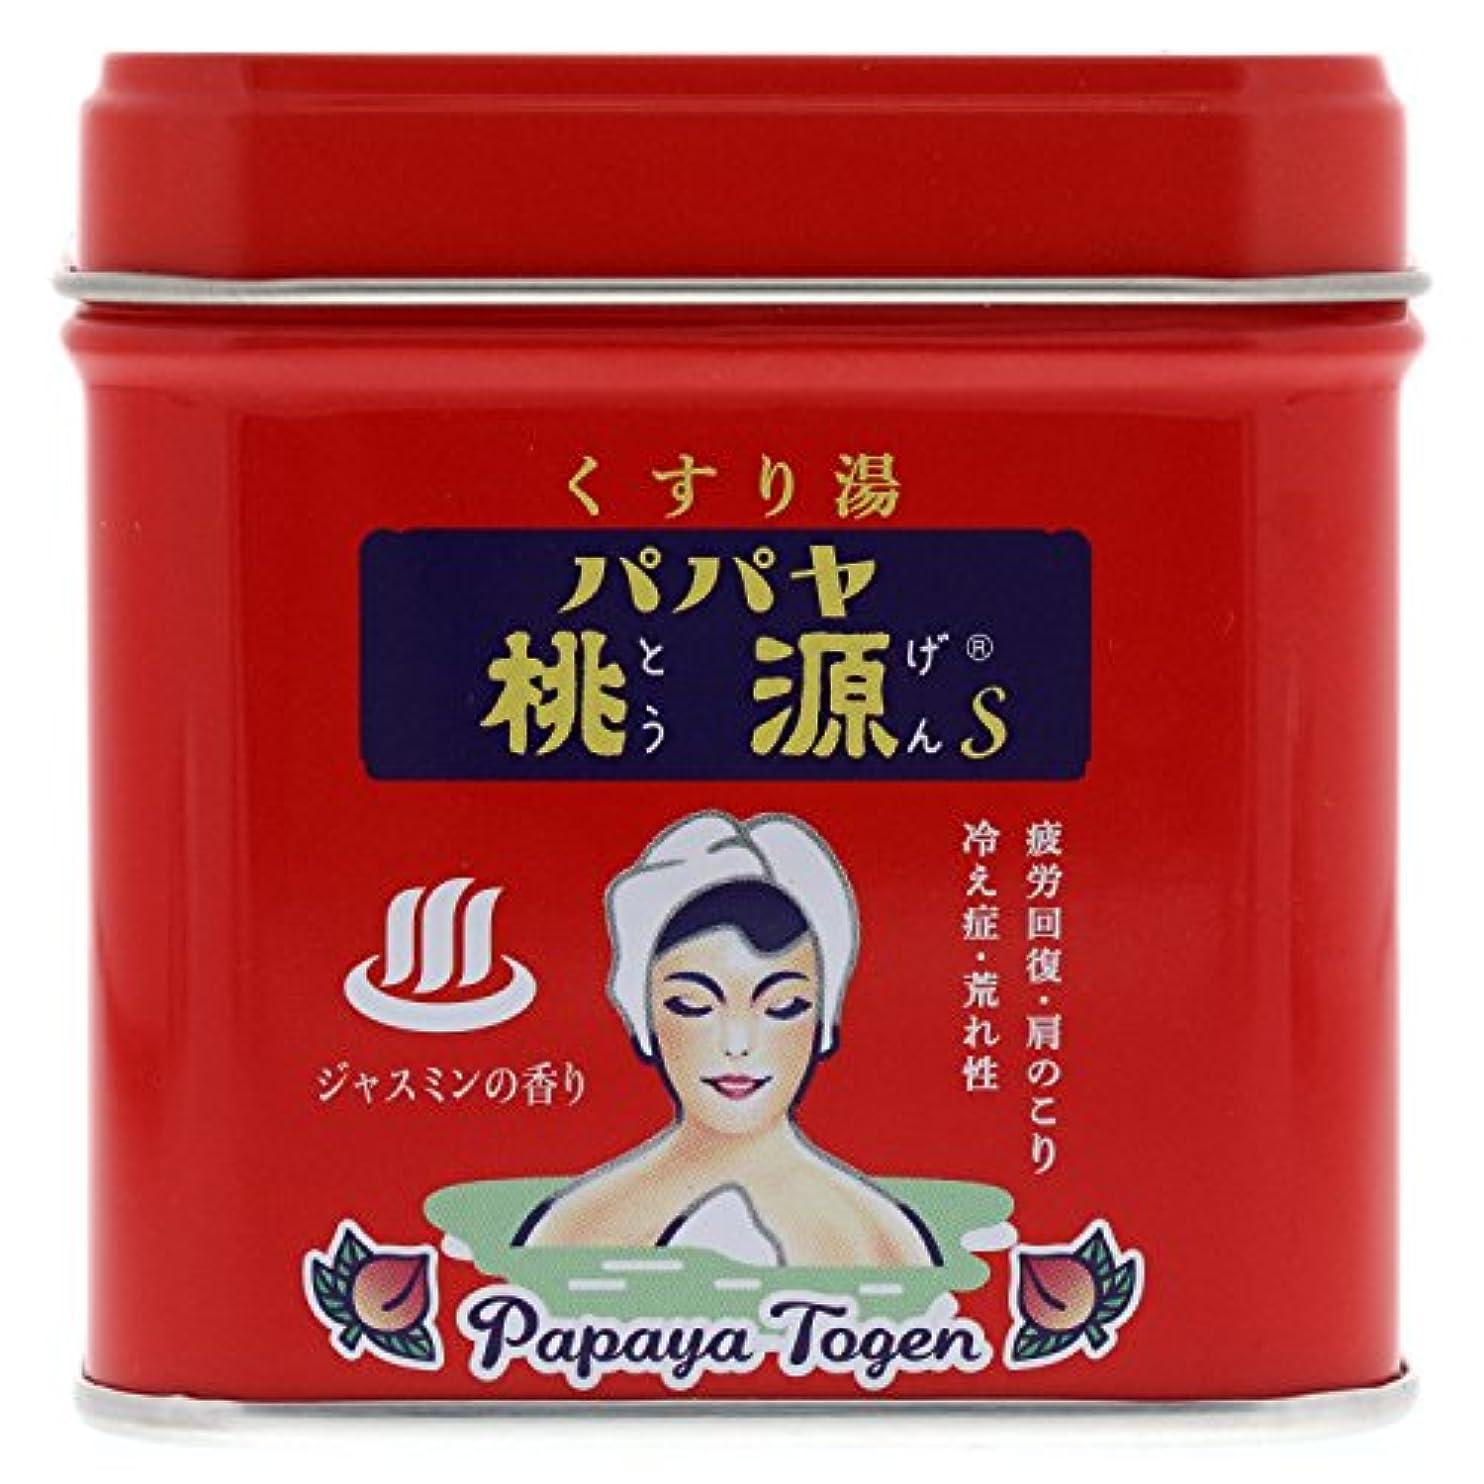 顕微鏡乳製品すり減るパパヤ桃源S70g缶 ジャスミンの香り [医薬部外品]